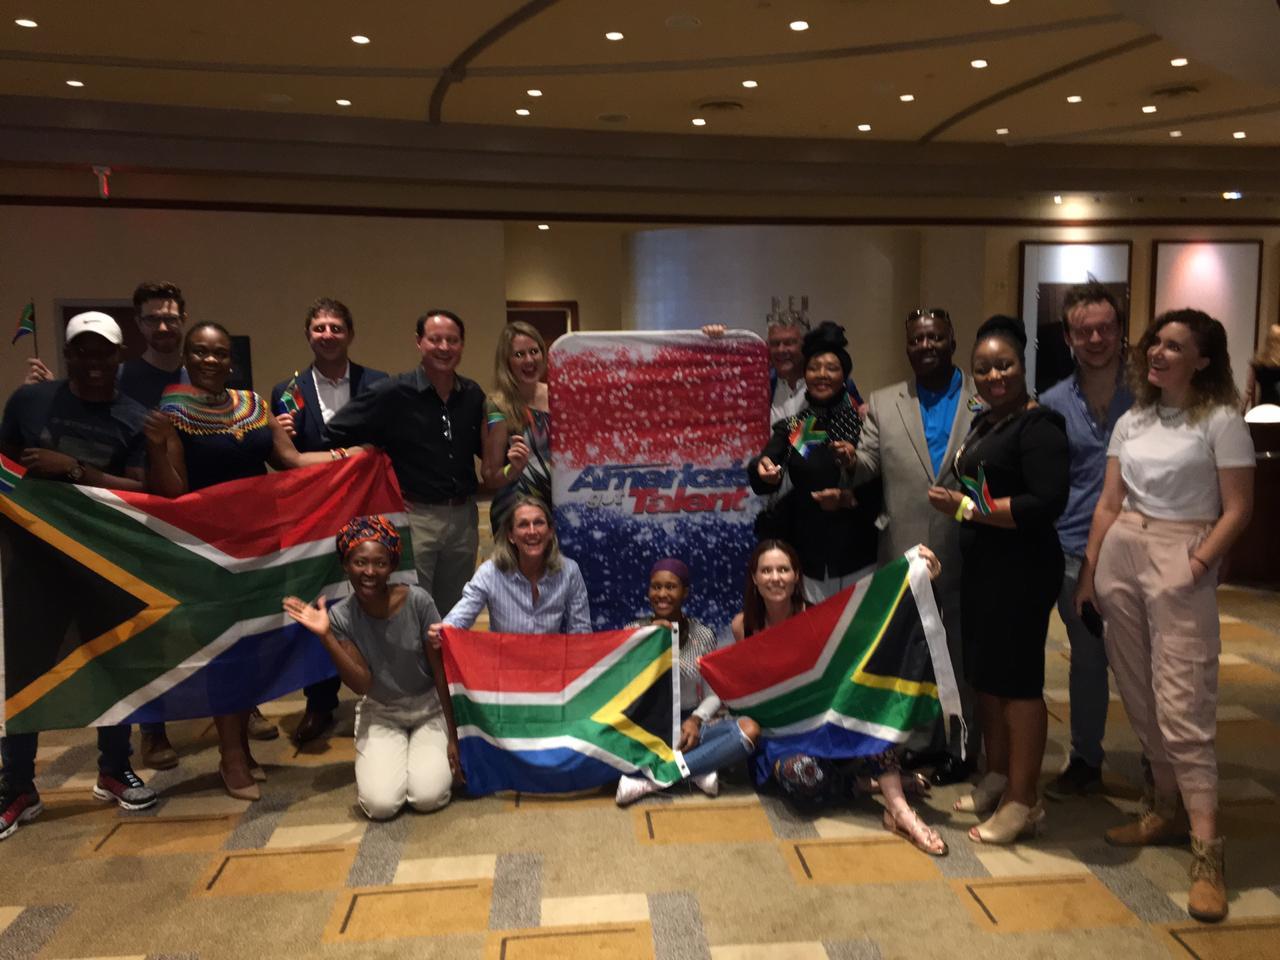 Südafrikanischen Delegation mit Felizia Mabuza-Suttle, einer südafrikanischen TV-Prominenten, die gekommen ist, um den Chor zu unterstützen.